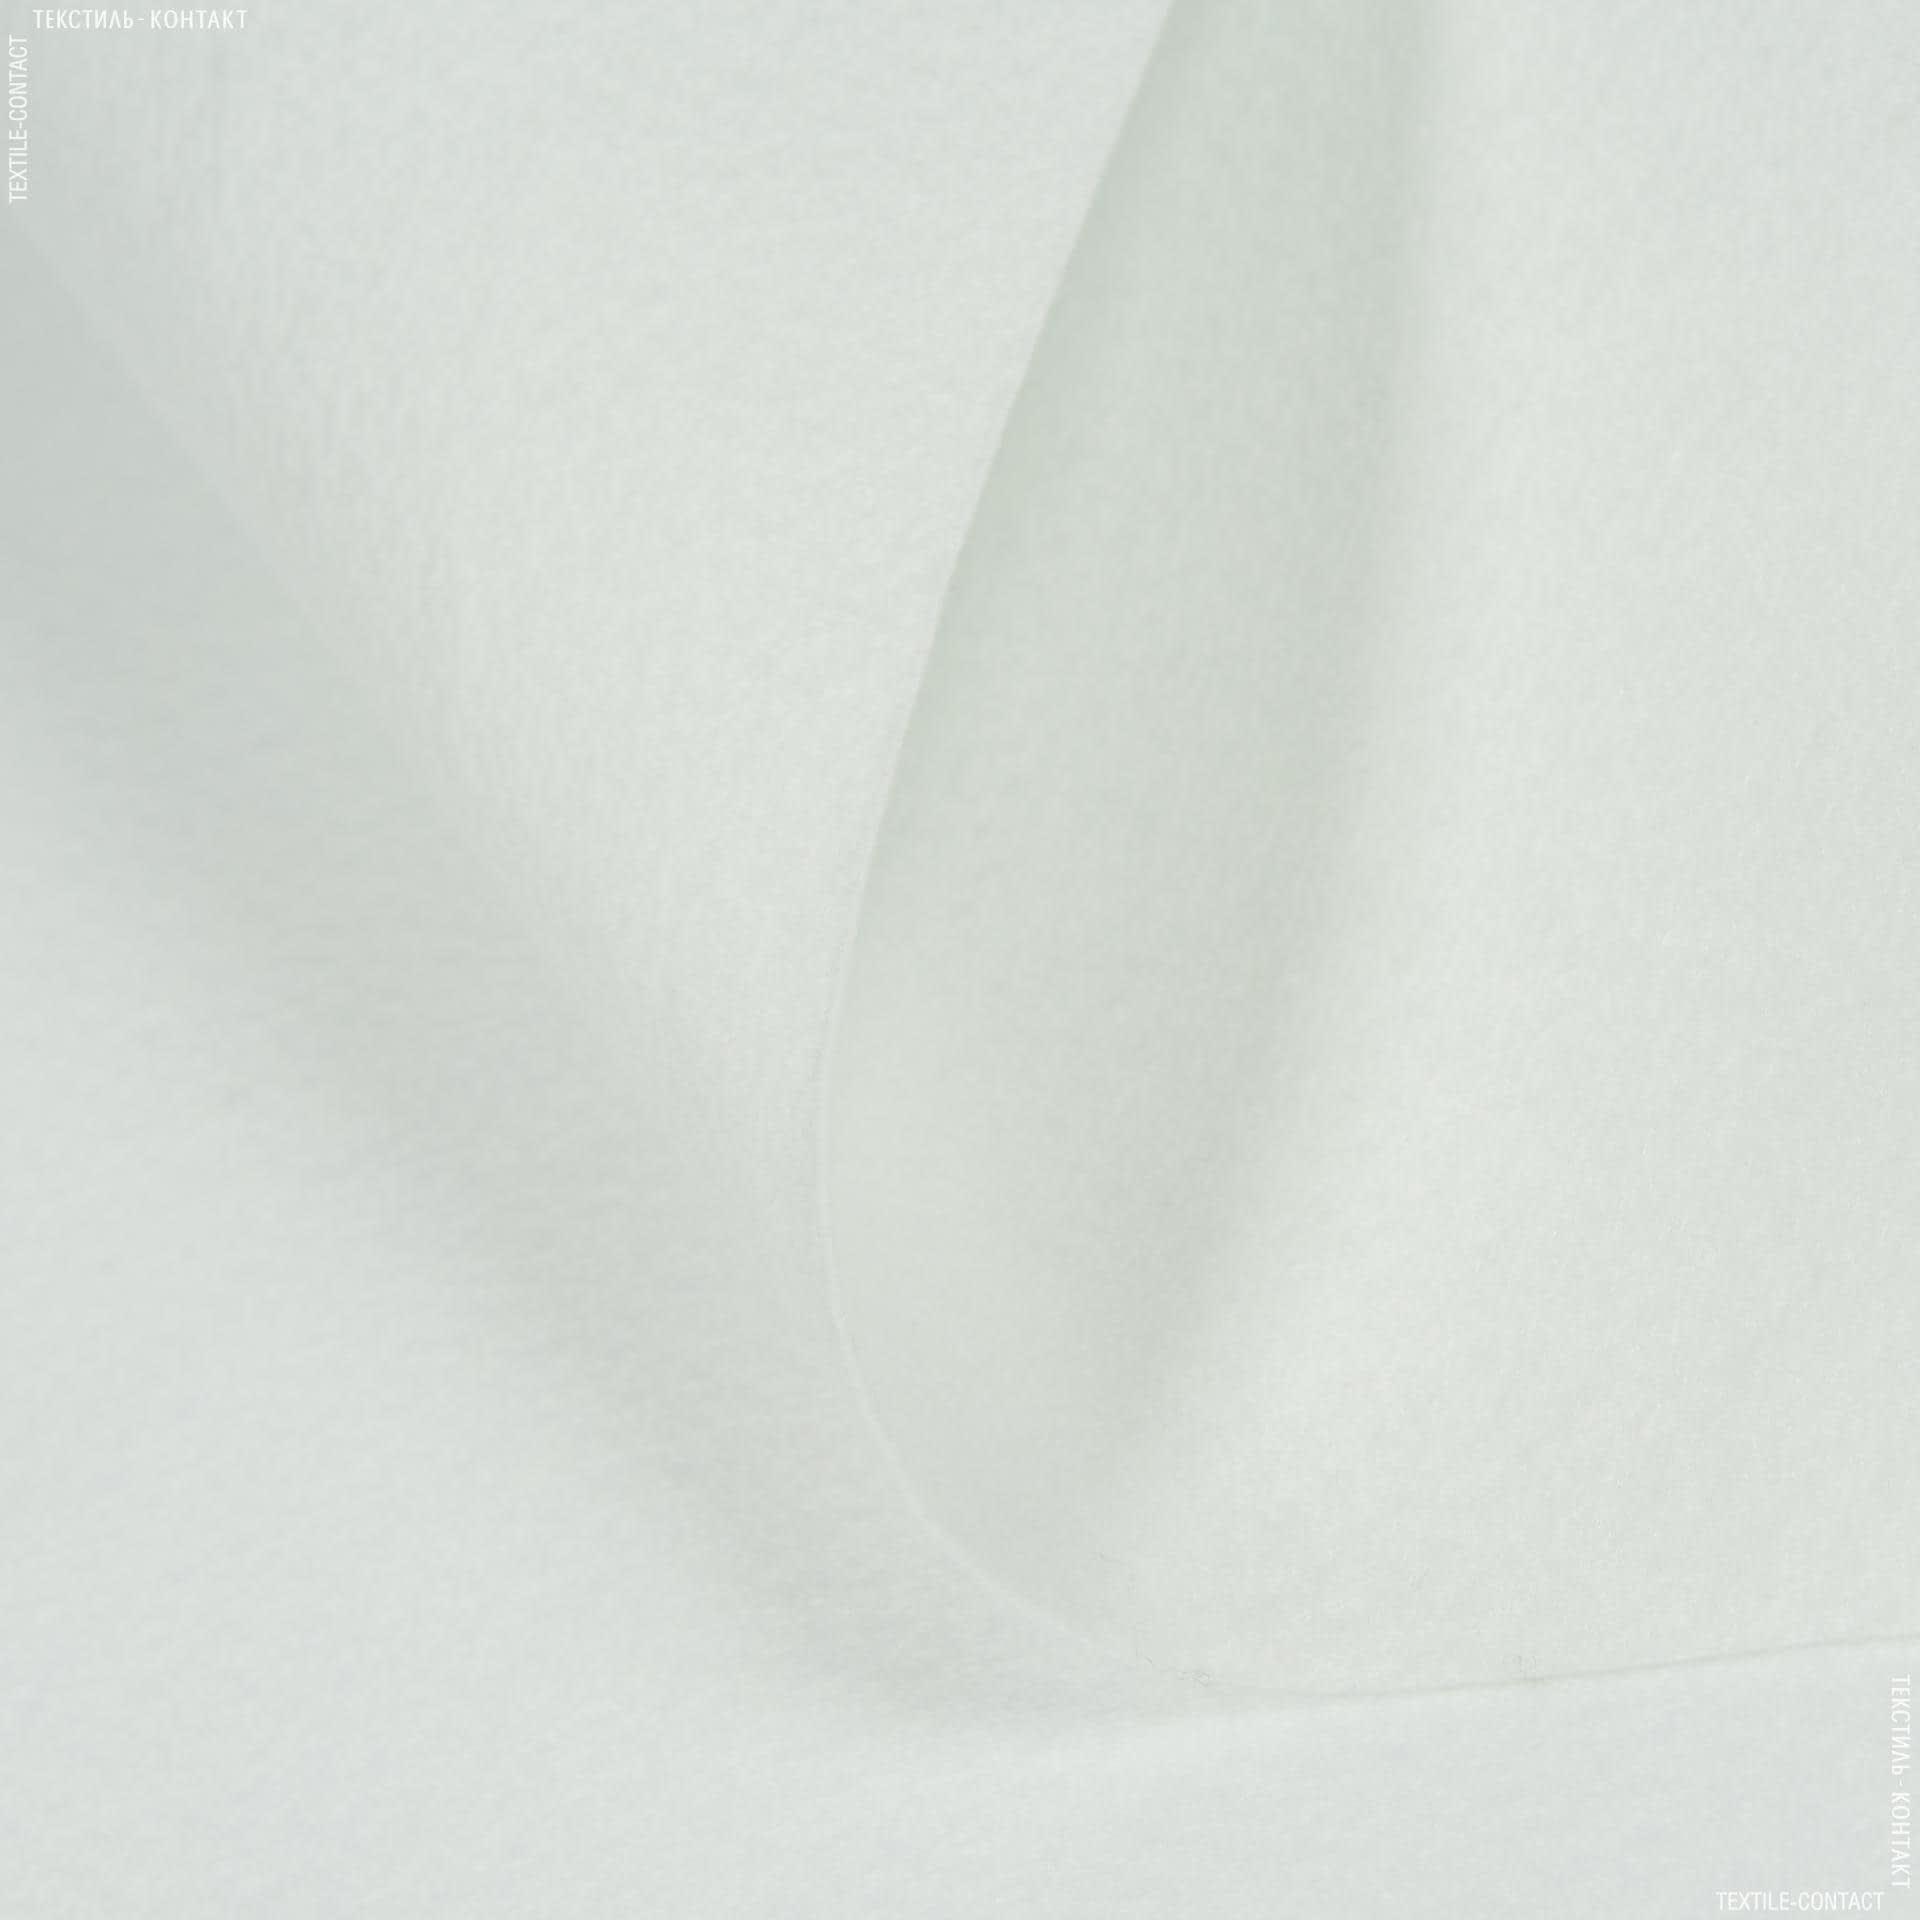 Ткани нетканое полотно - Фильц 370г/м  белый